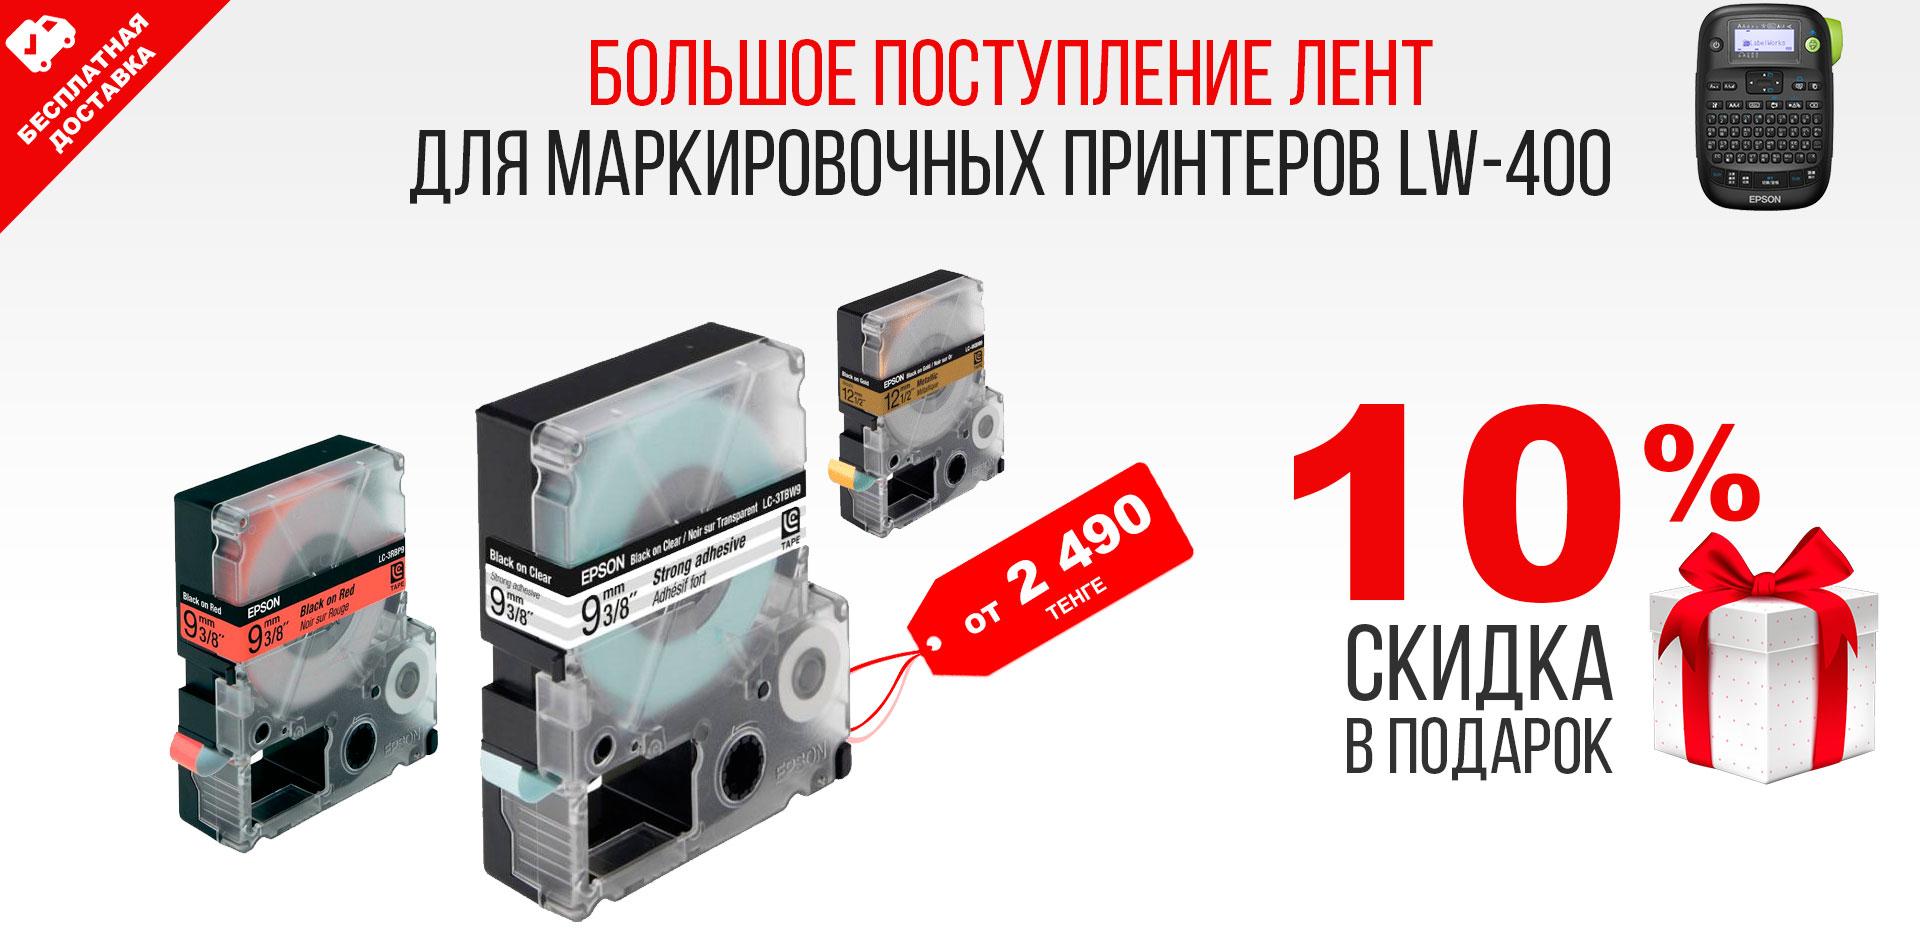 Ленты для принтера EPSON LW400 в Астане